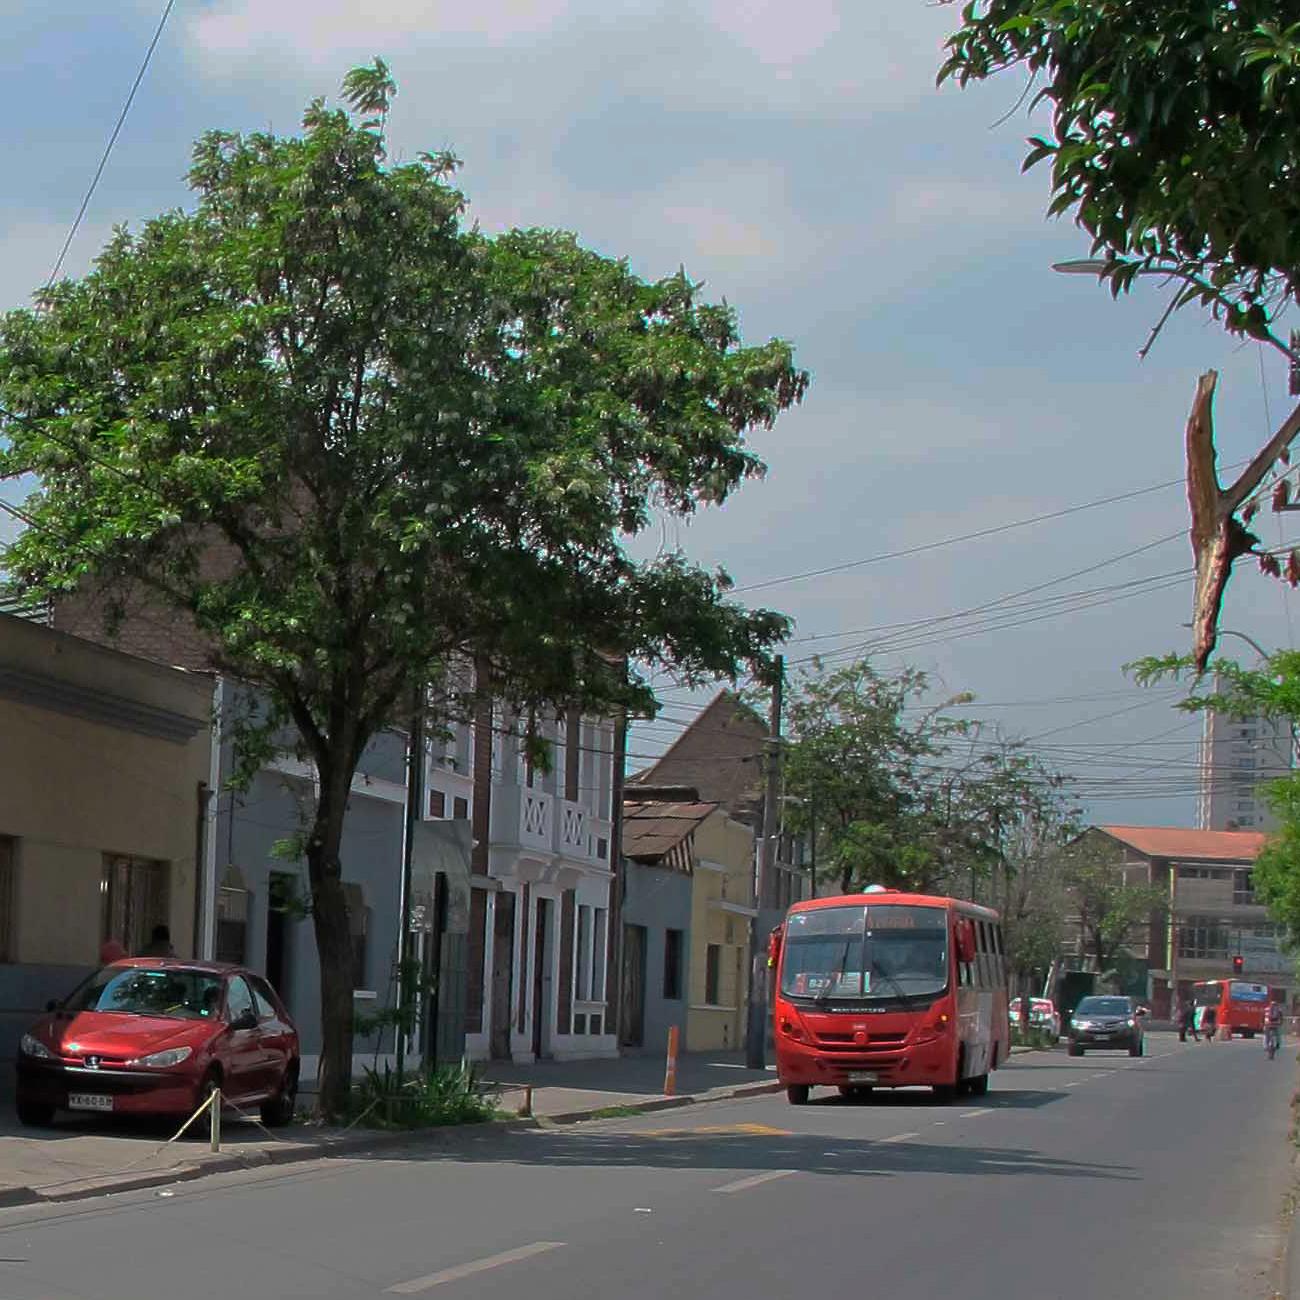 calle de ciudad con bus y con auto estacionado en la vereda